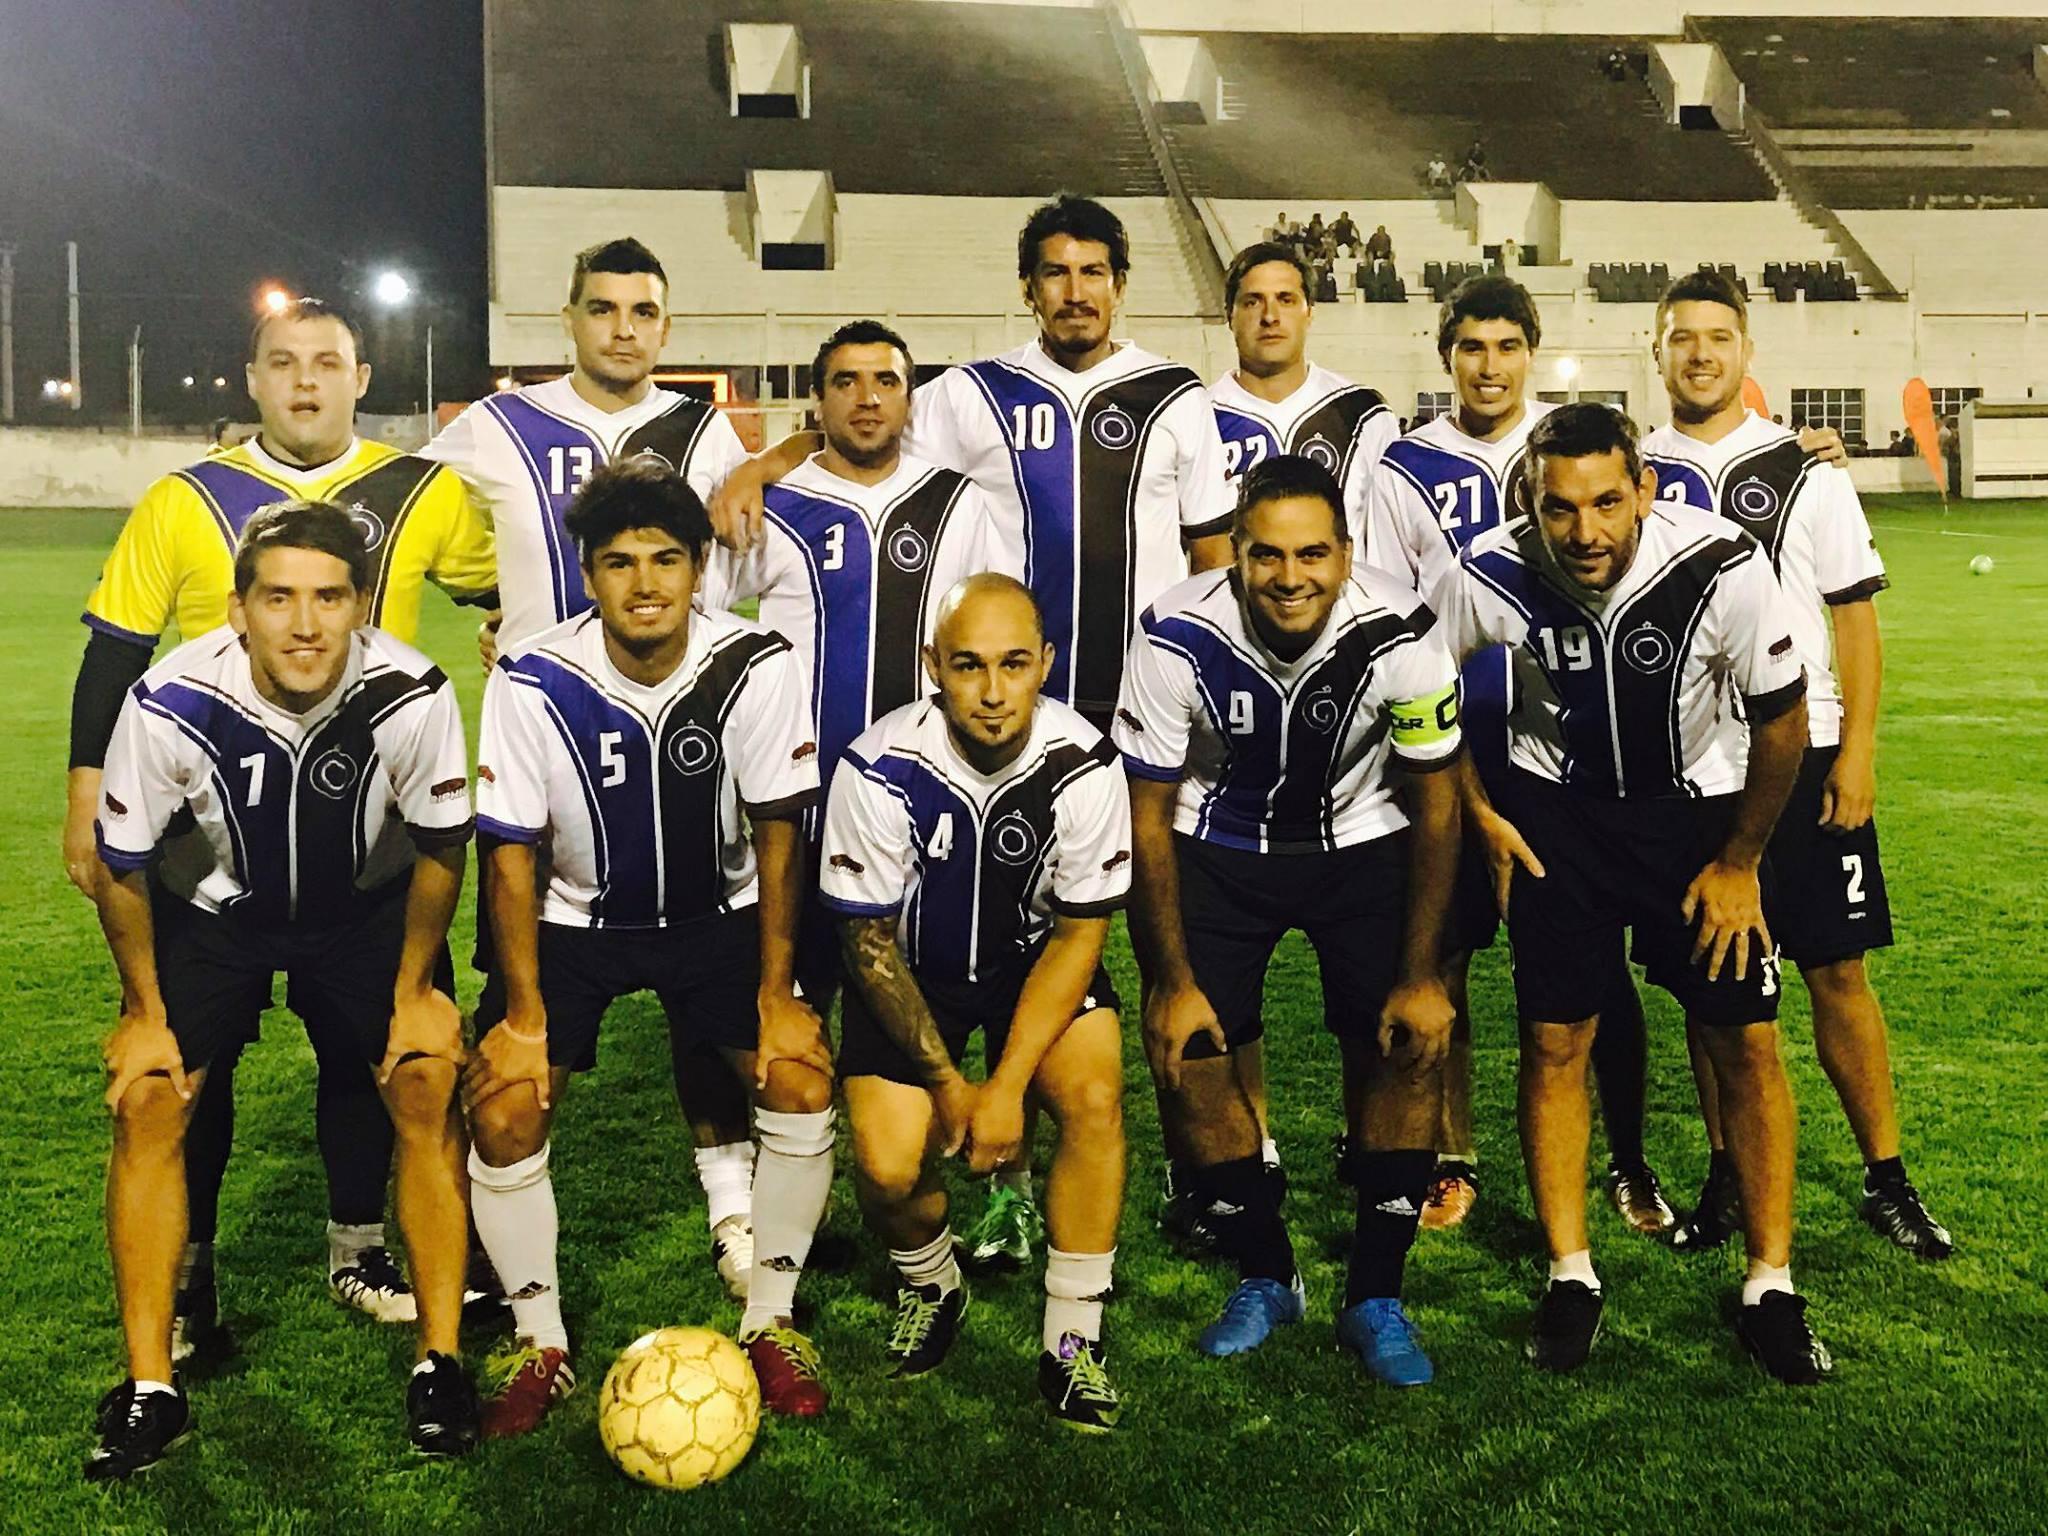 Por la ronda de Plata de la Copa Argentina, Neroazzurro ganó y avanzó a la semifinal